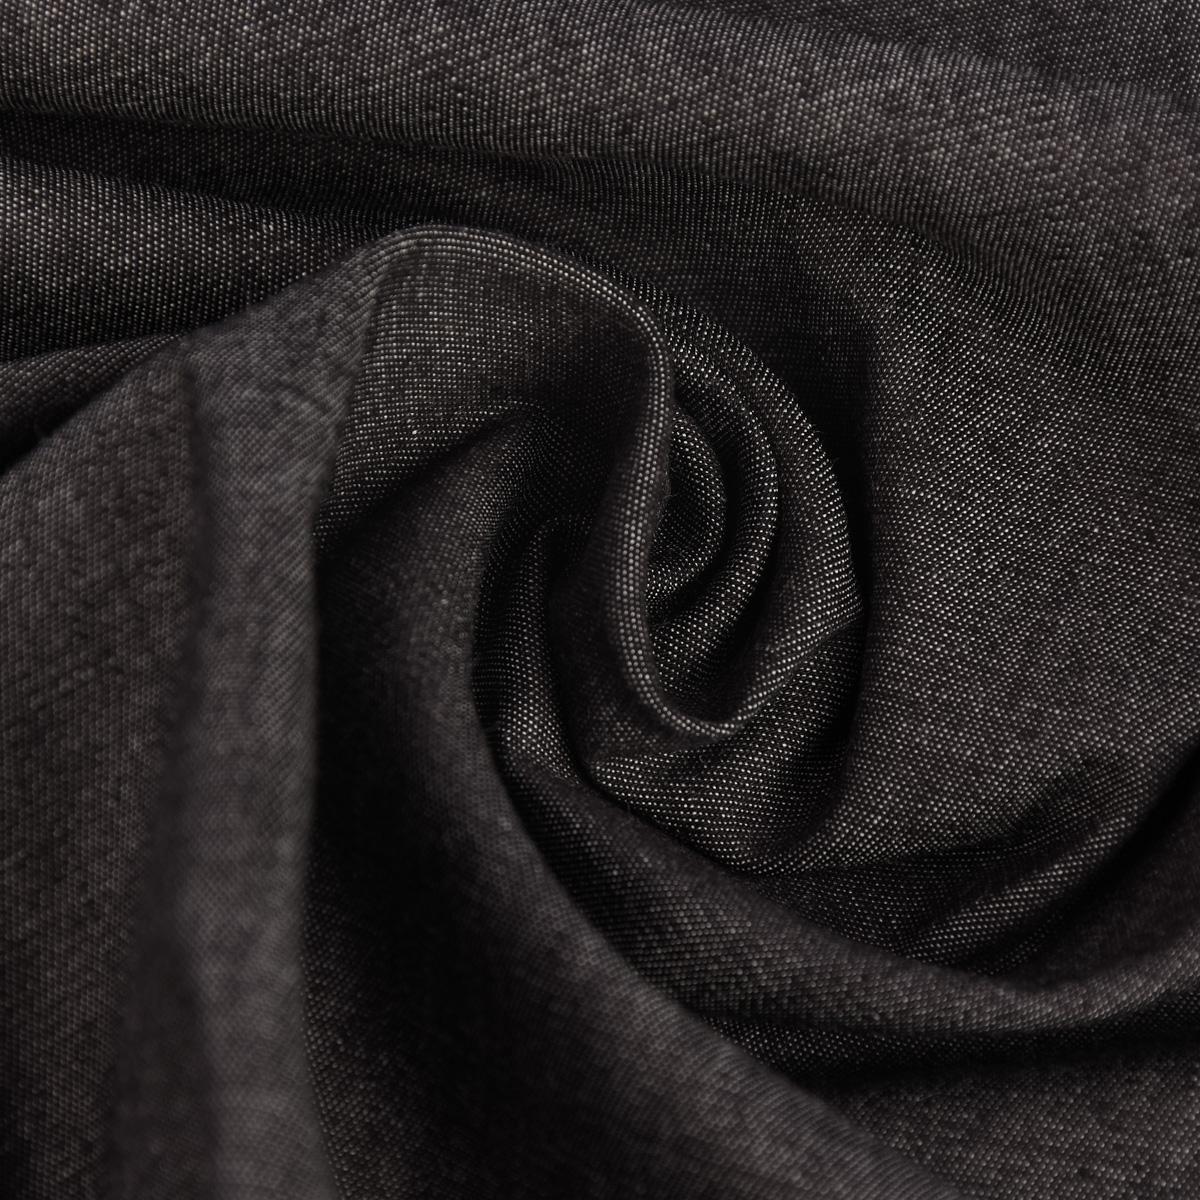 Sommer-Jeansstoff Jeans Denim 4,5OZ schwarz 1,4m Breite